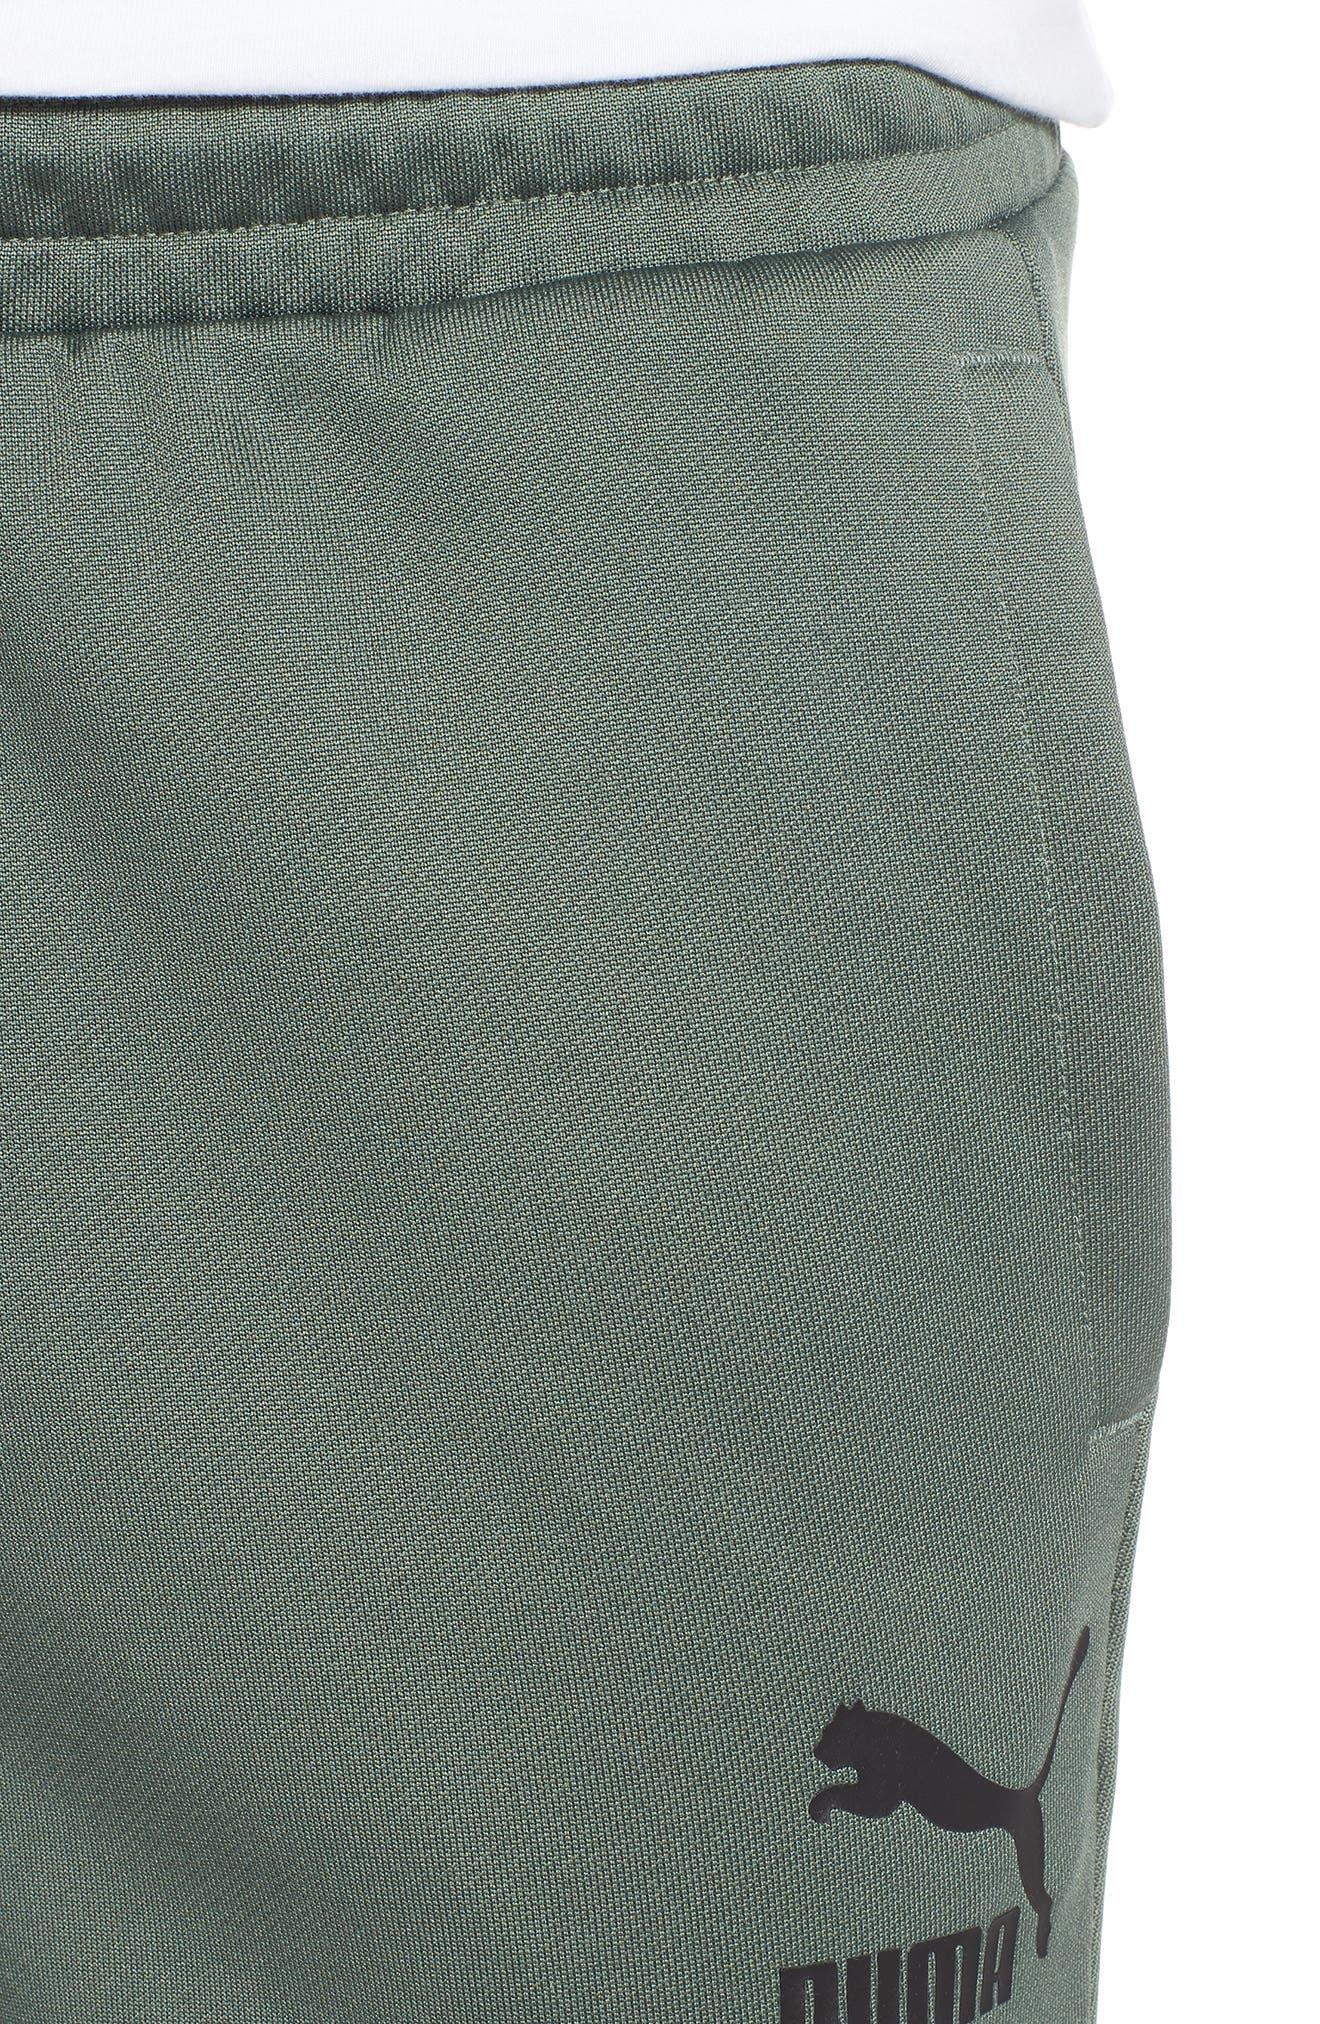 MCS Track Pants,                             Alternate thumbnail 4, color,                             LAUREL WREATH